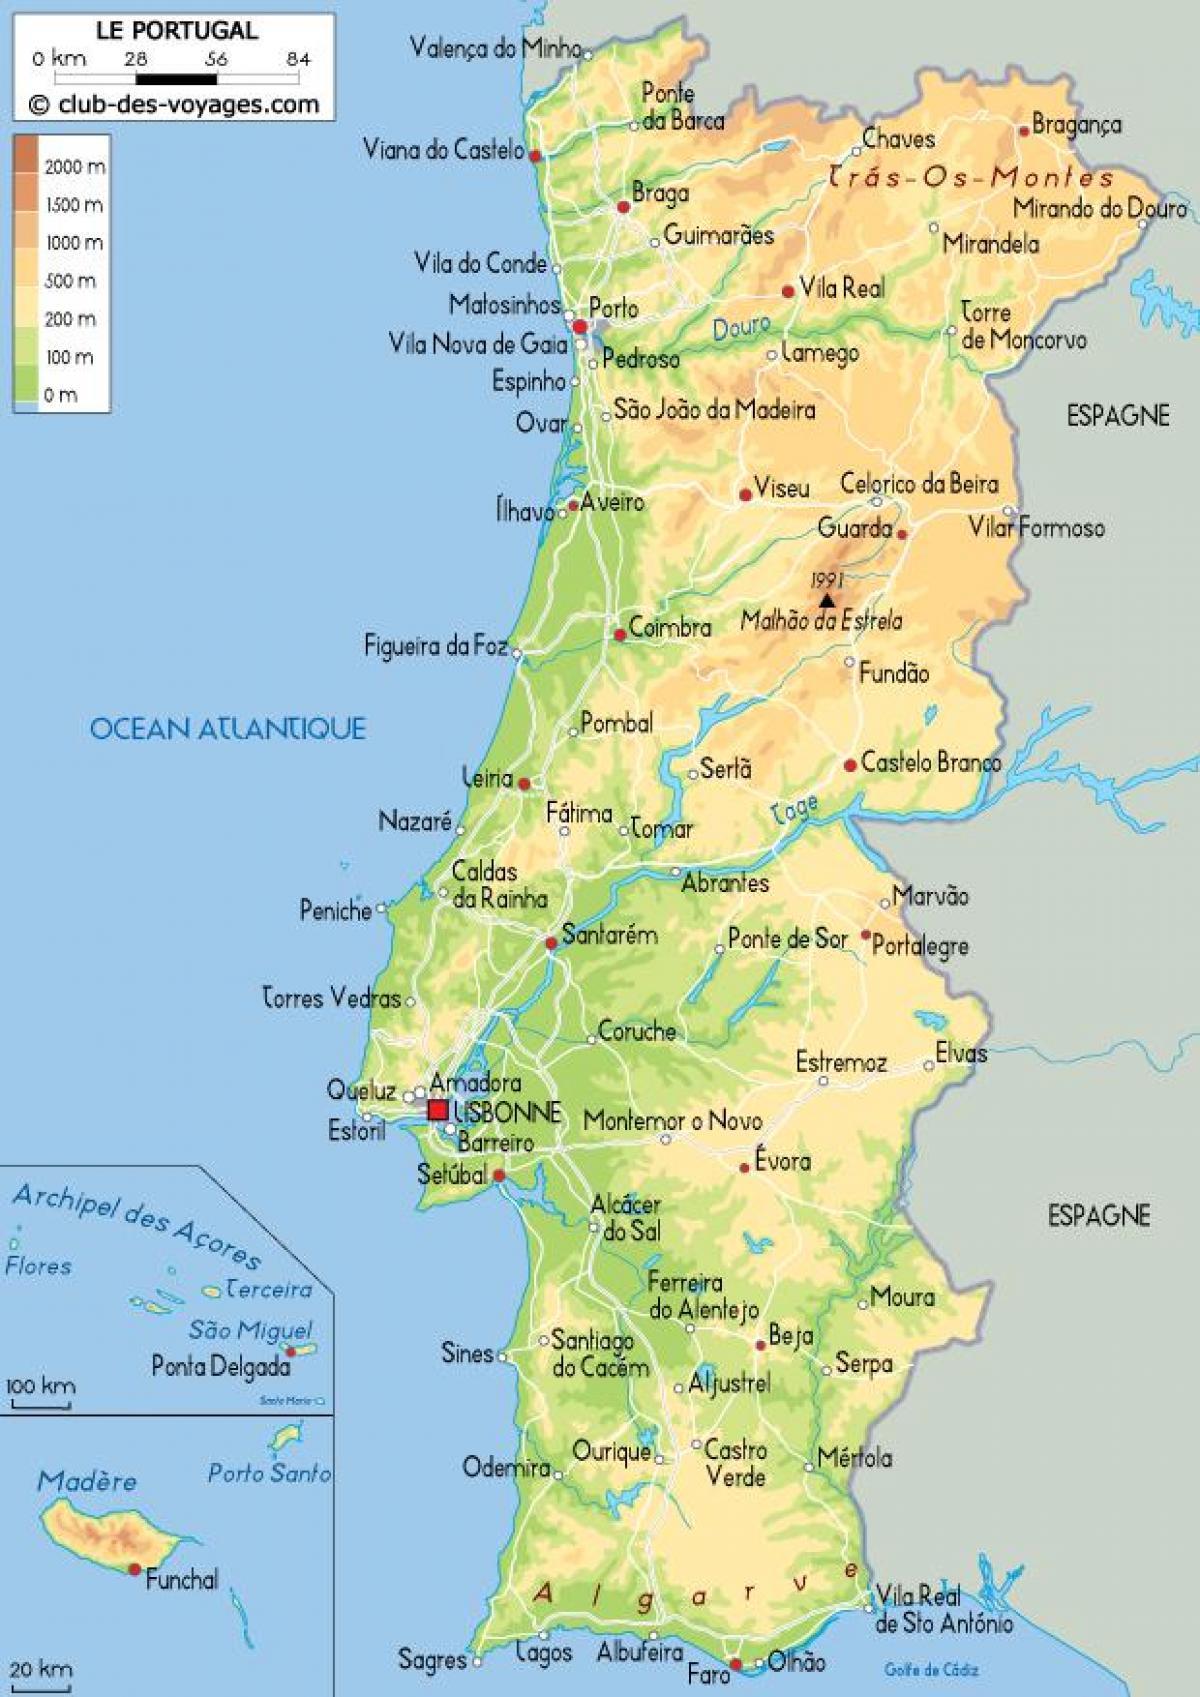 Portogallo Cartina Dettagliata.Mappa Del Portogallo Mappa Dettagliata Del Portogallo